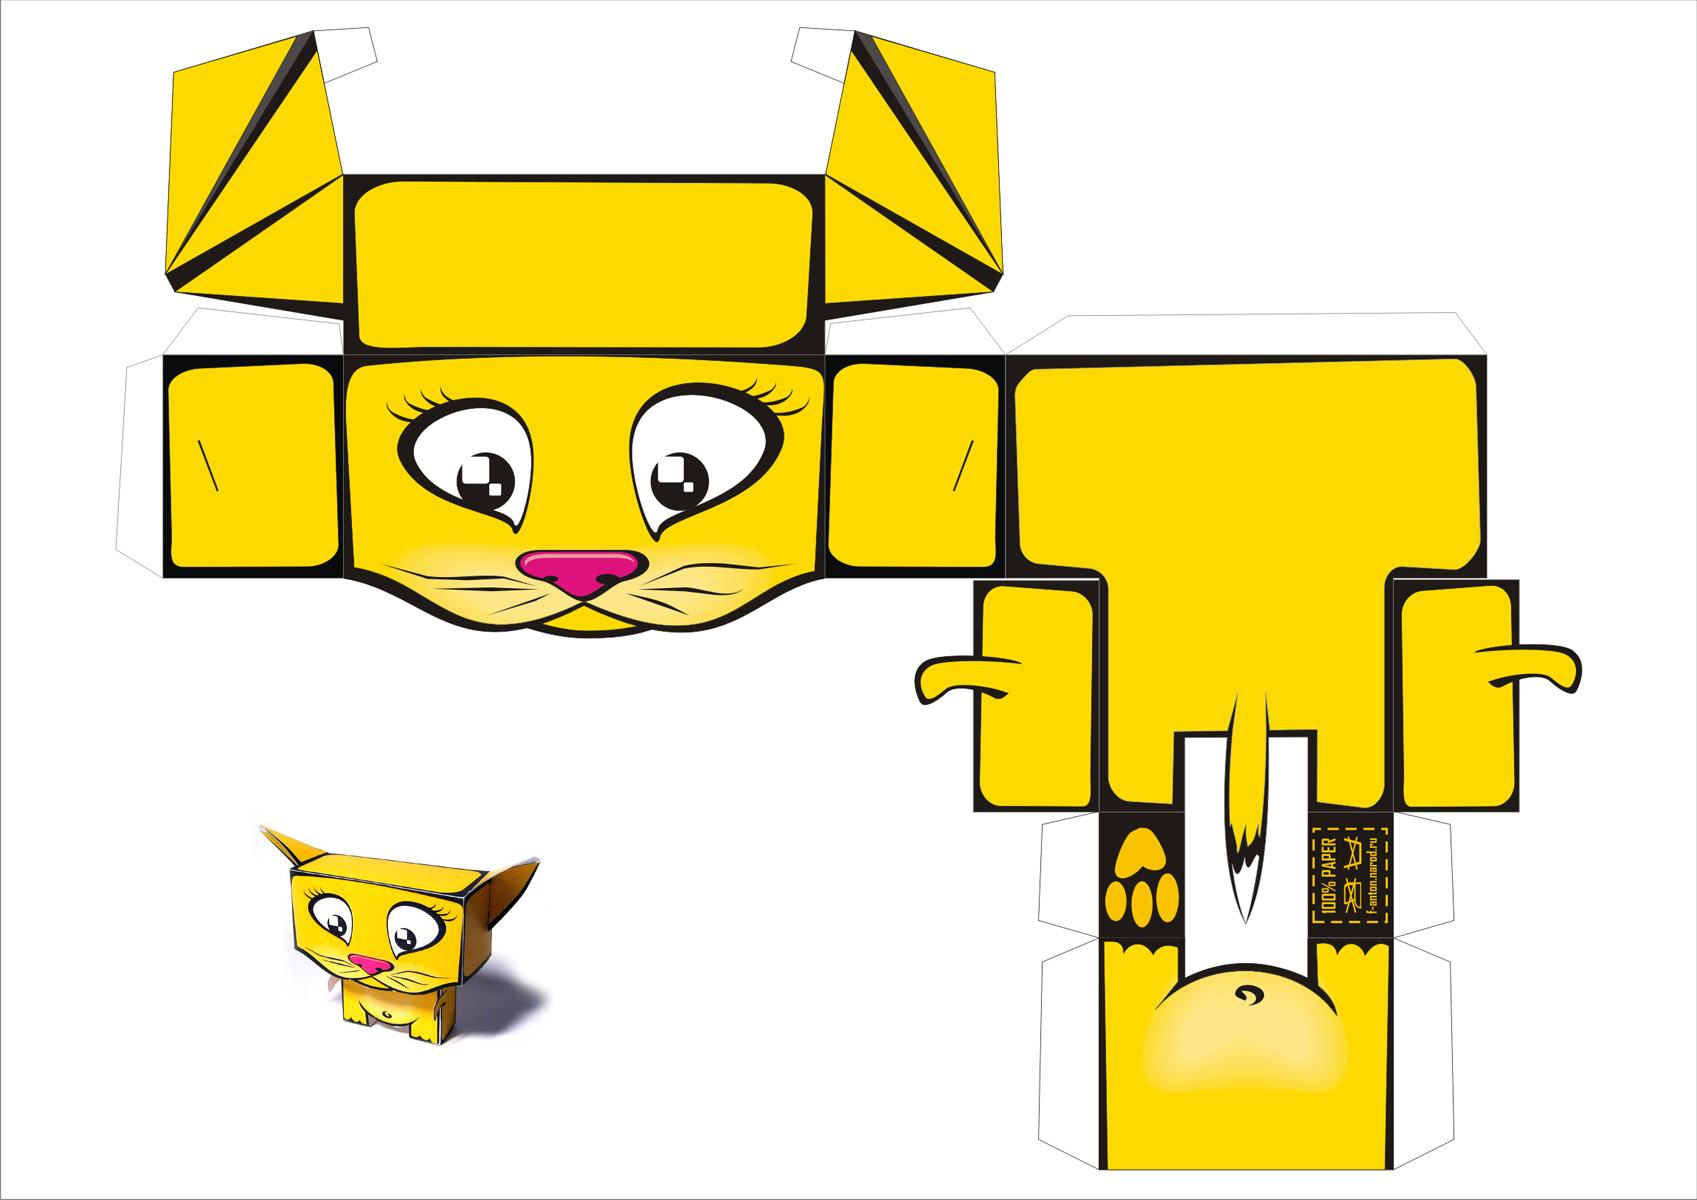 Papercraft de un gato / cat. - Manualidades a Raudales